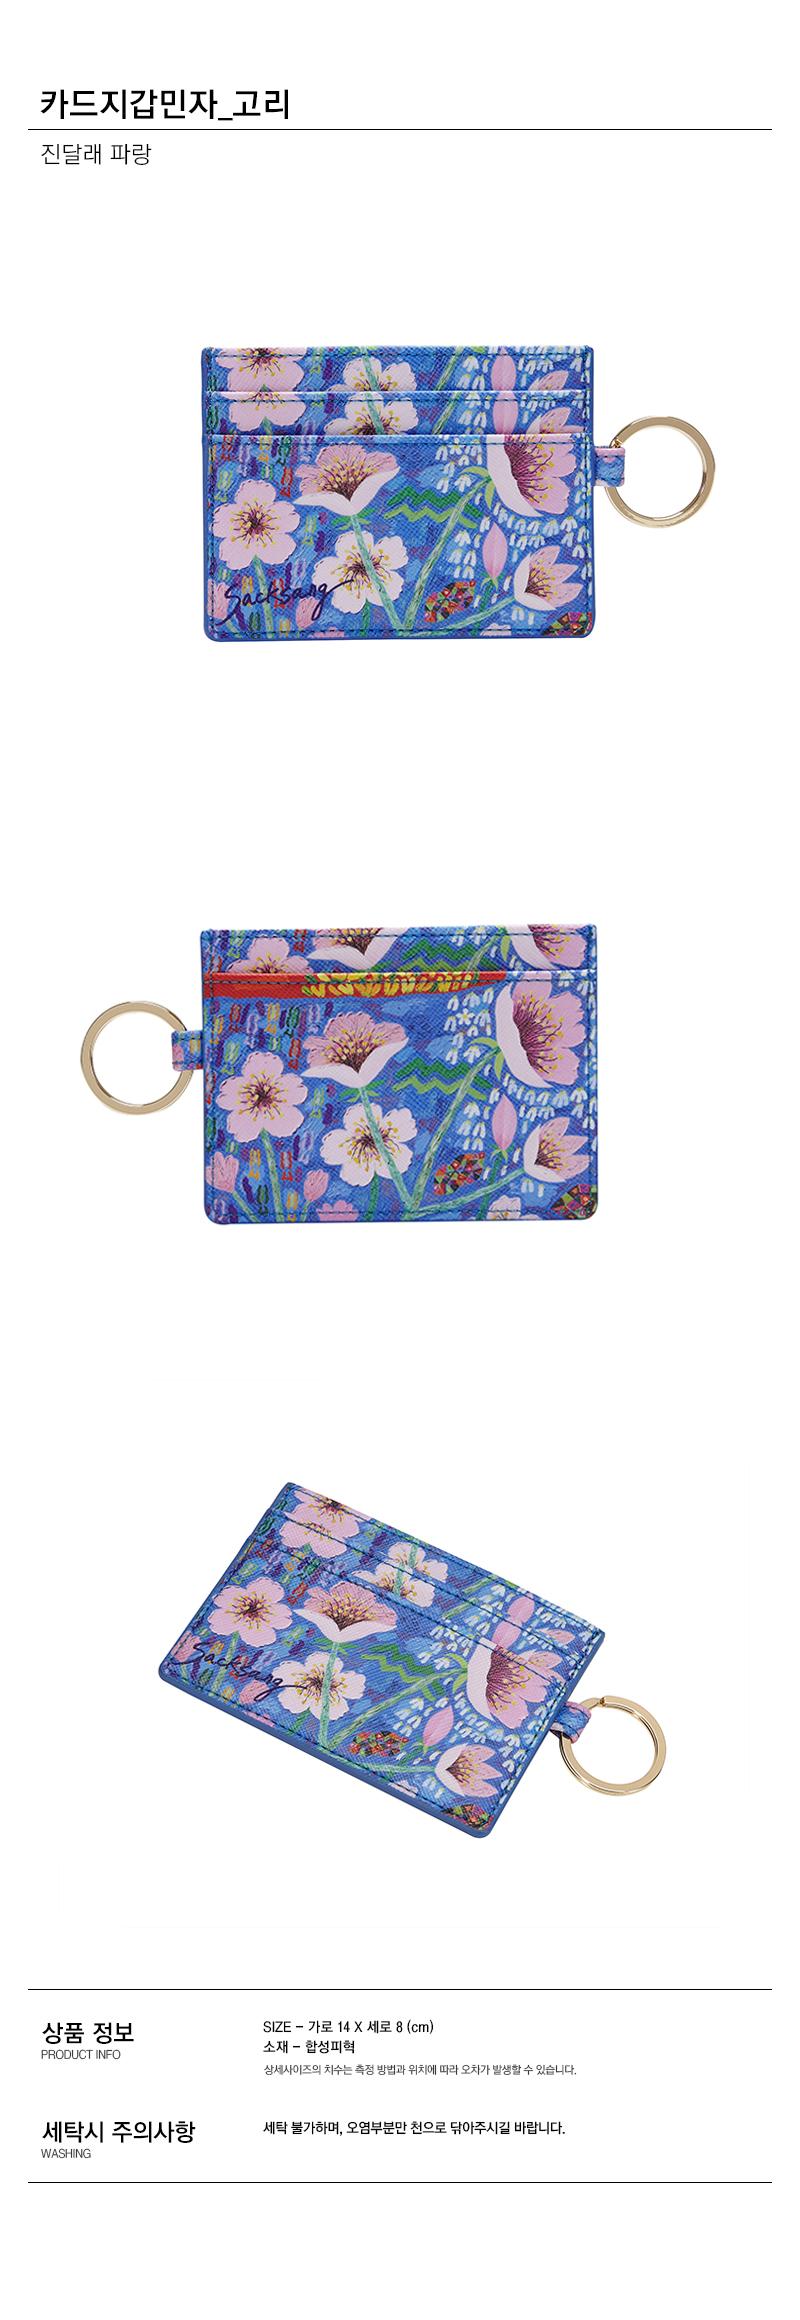 카드지갑민자_고리_진달래 파랑 - 색상, 26,000원, 머니클립/명함지갑, 명함지갑